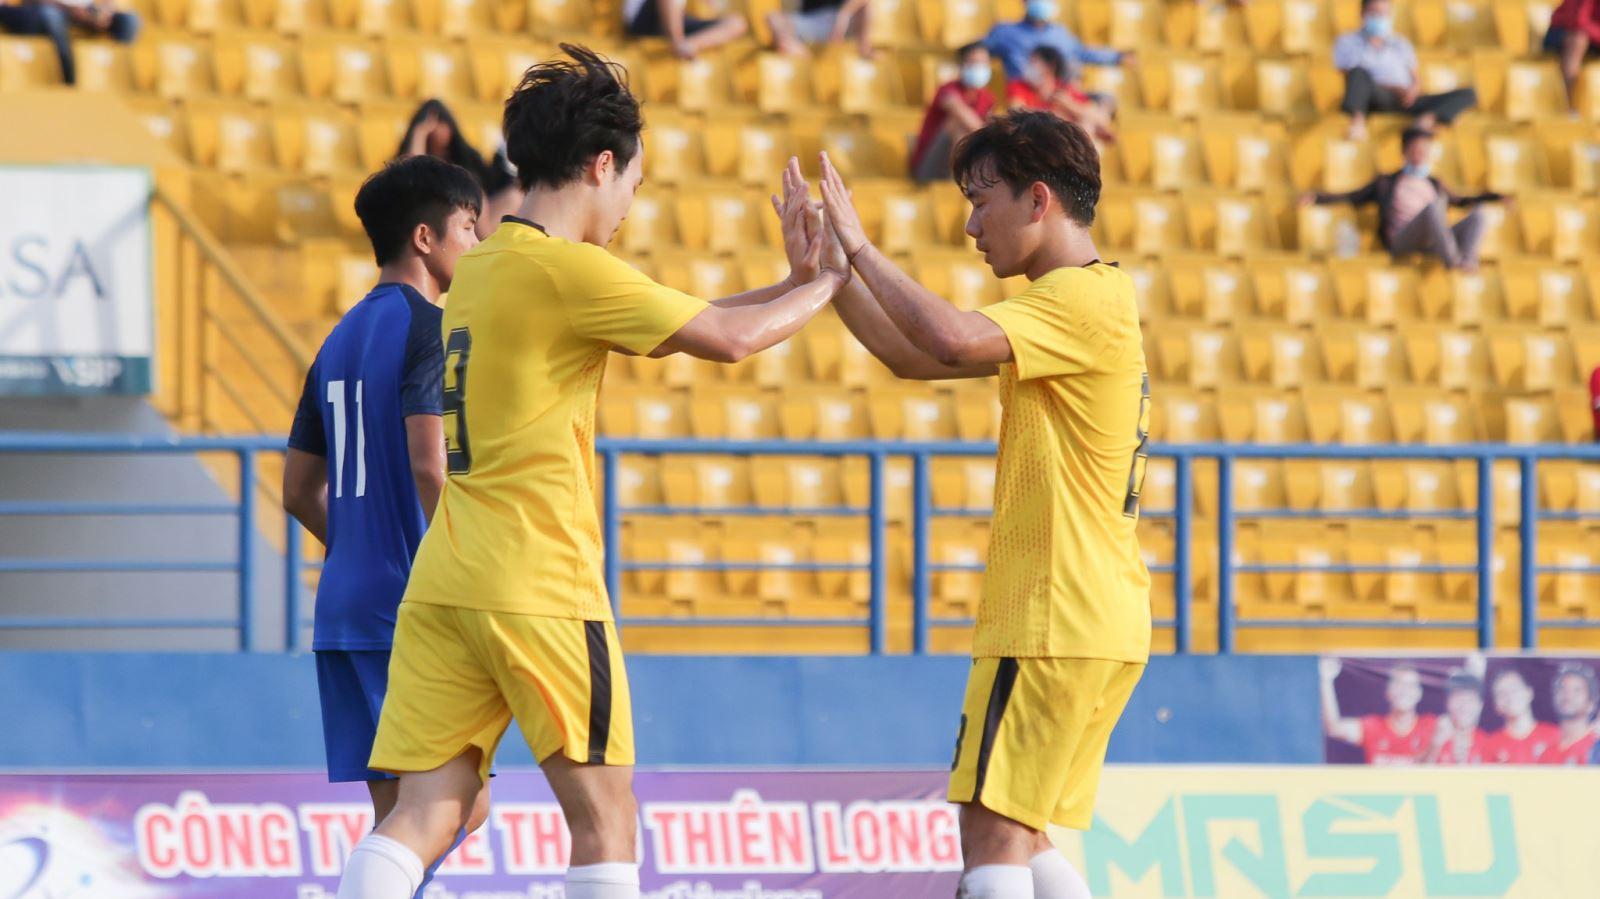 VTV6, BĐTV, HAGL, Trực tiếp bóng đá hôm nay, Sài Gòn vs HAGL, Trực tiếp HAGL vs Sài Gòn, Hà Tĩnh vs Than Quảng Ninh, Trực tiếp vòng 1 V-League 2021, BĐTV, VTC3, VTV6.